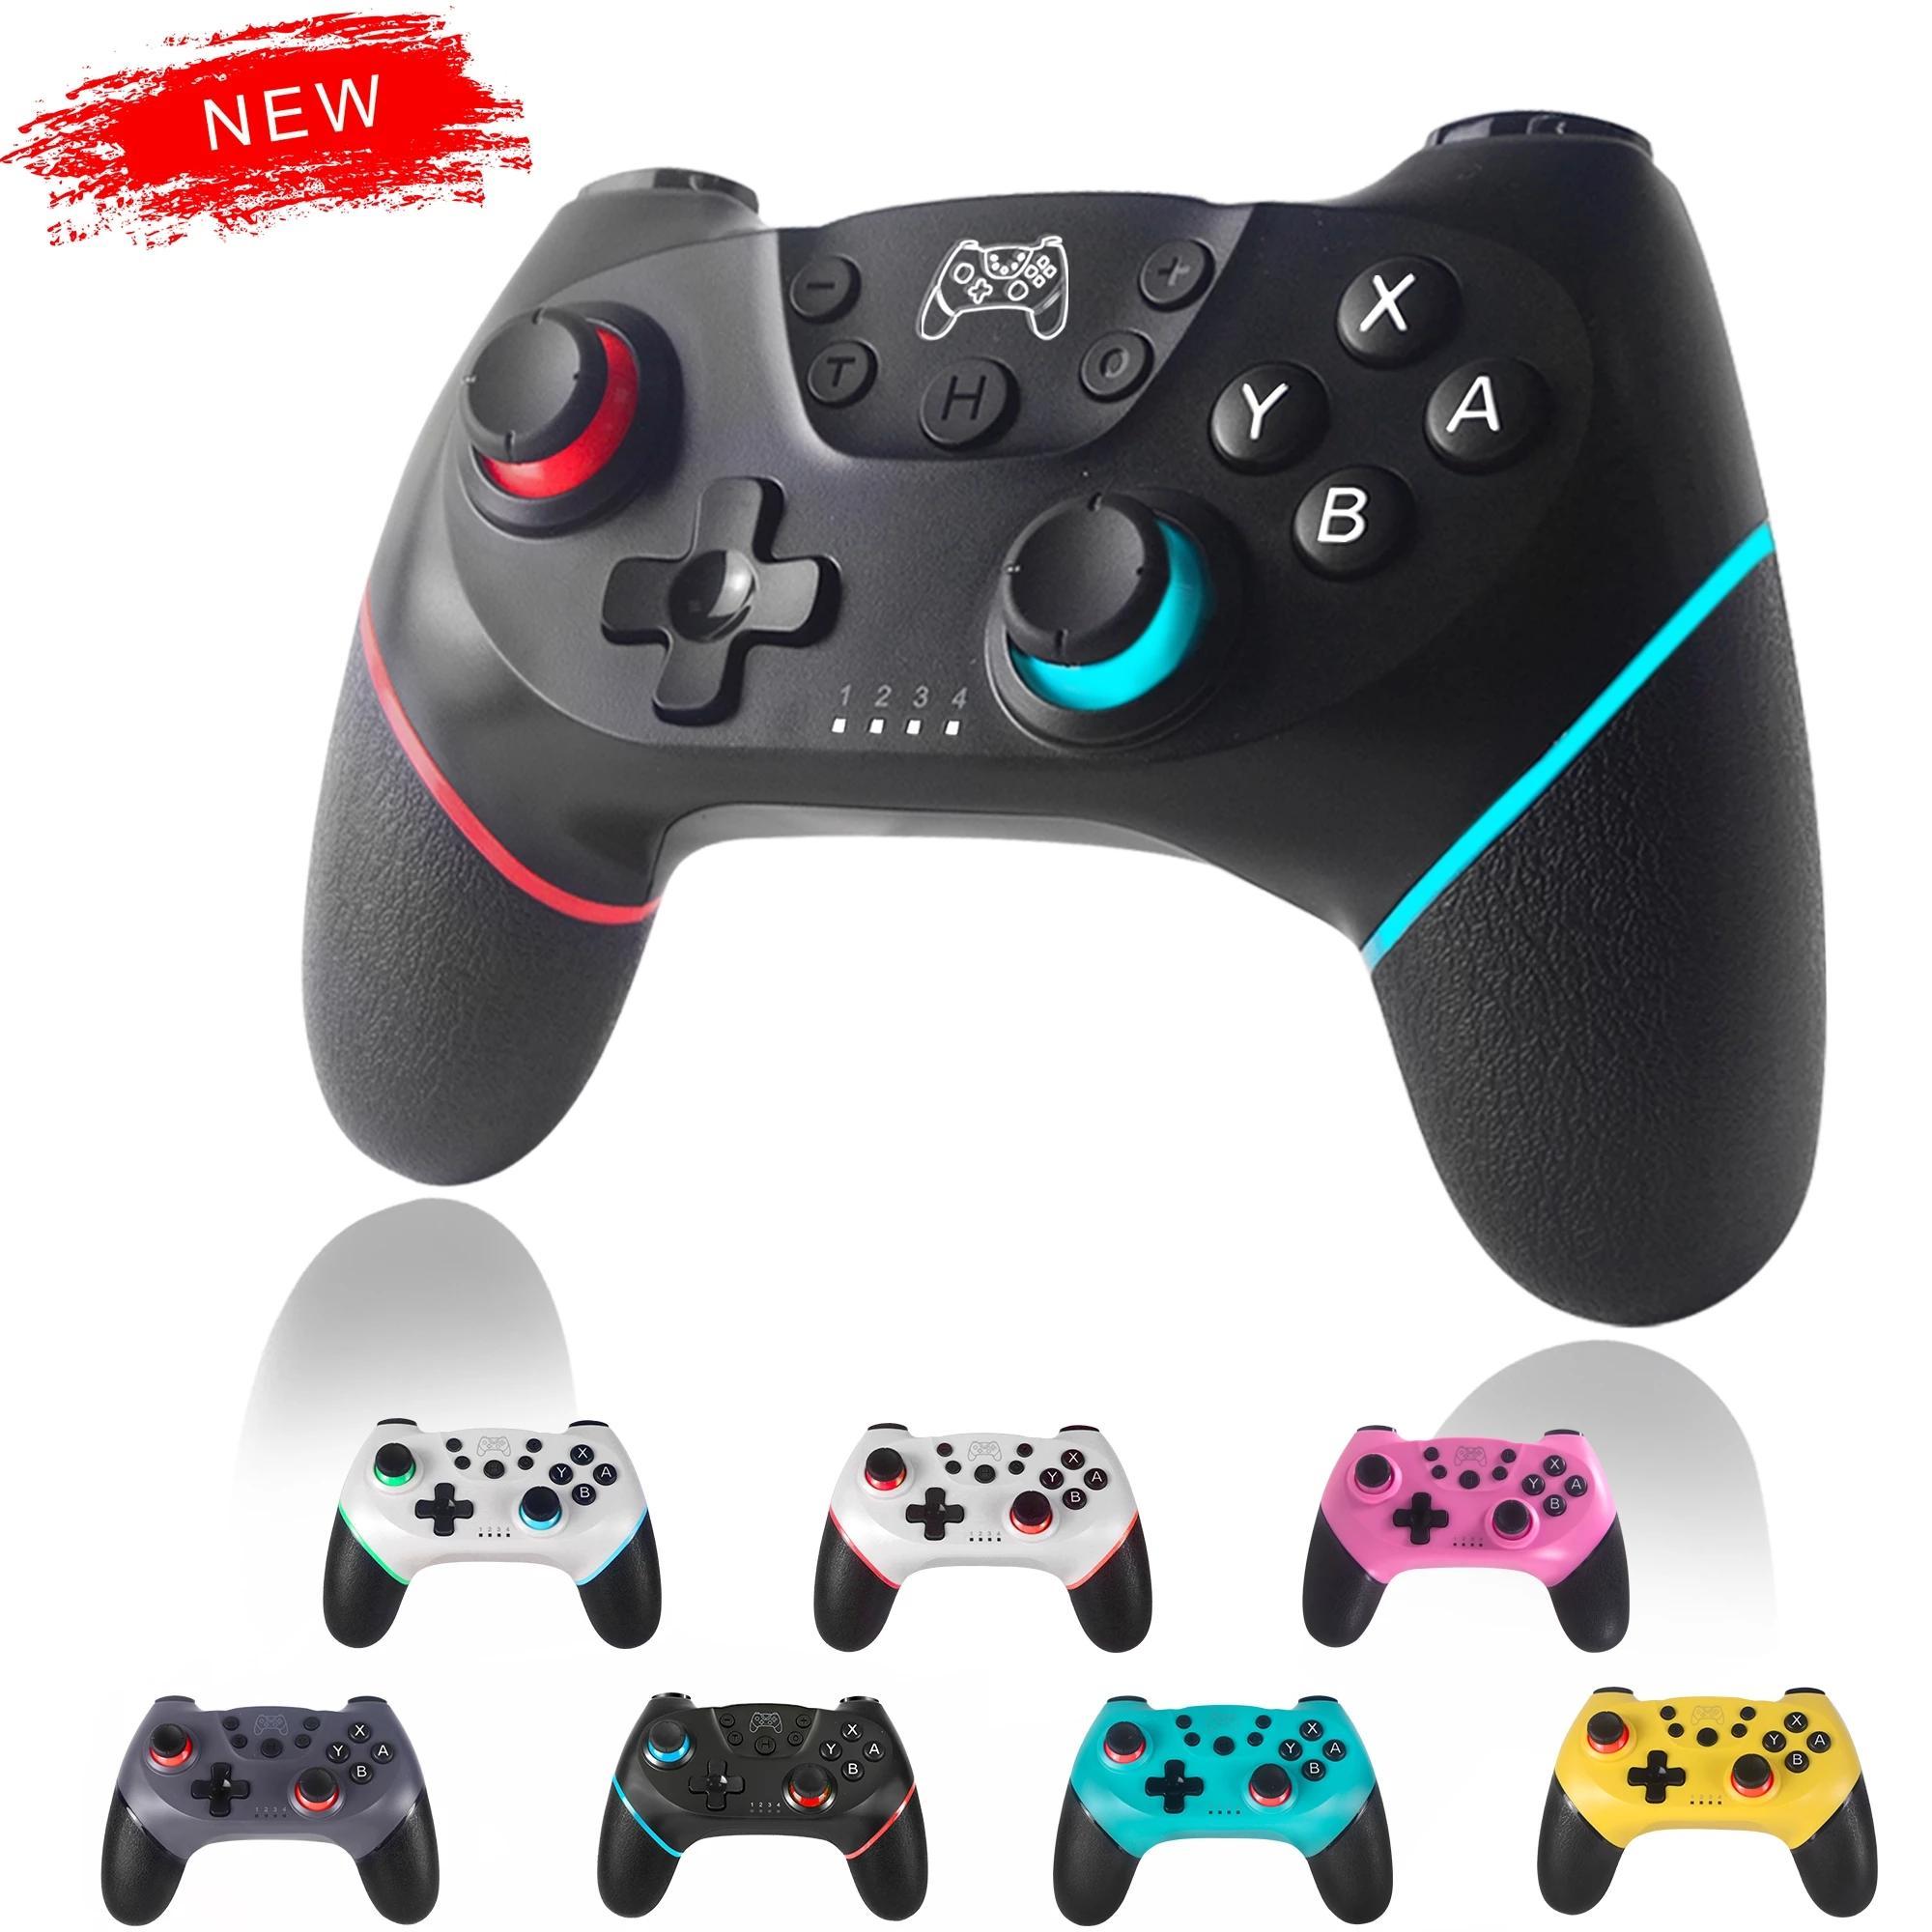 Atualizado Bluetooth Gamepad Controller para N-Switch, Interruptor Sem Fio Controladores de Jogo Remoto Controladores Joystick Jogos Acessórios Joysticks